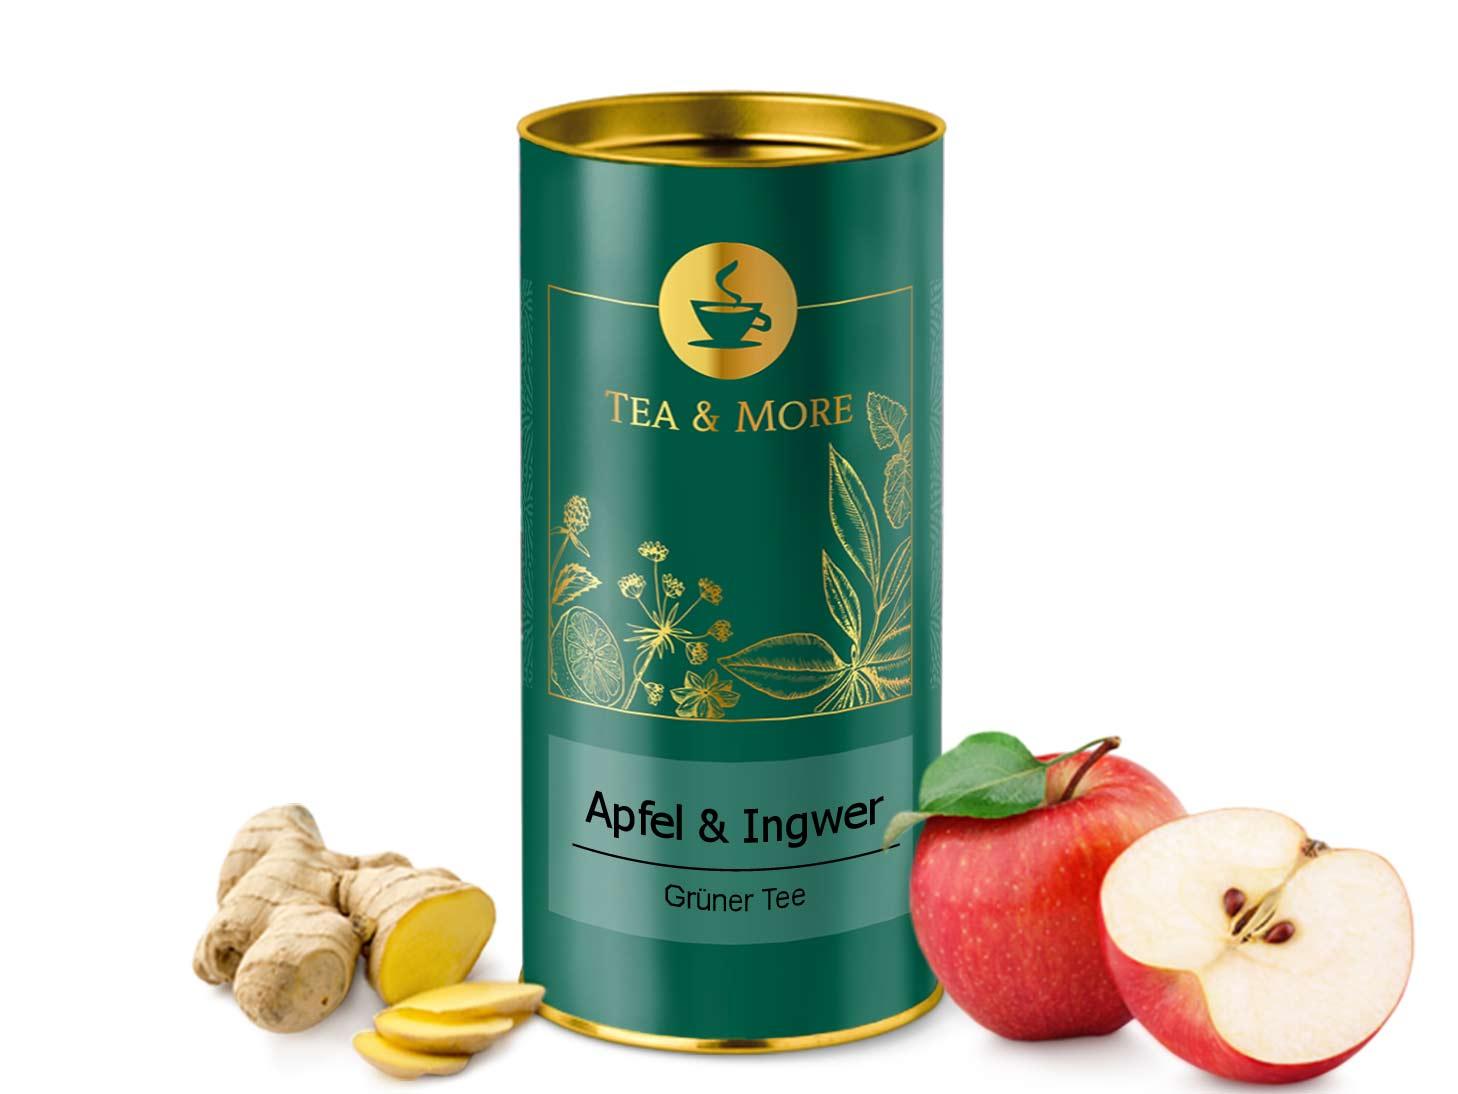 Apfel & Ingwer